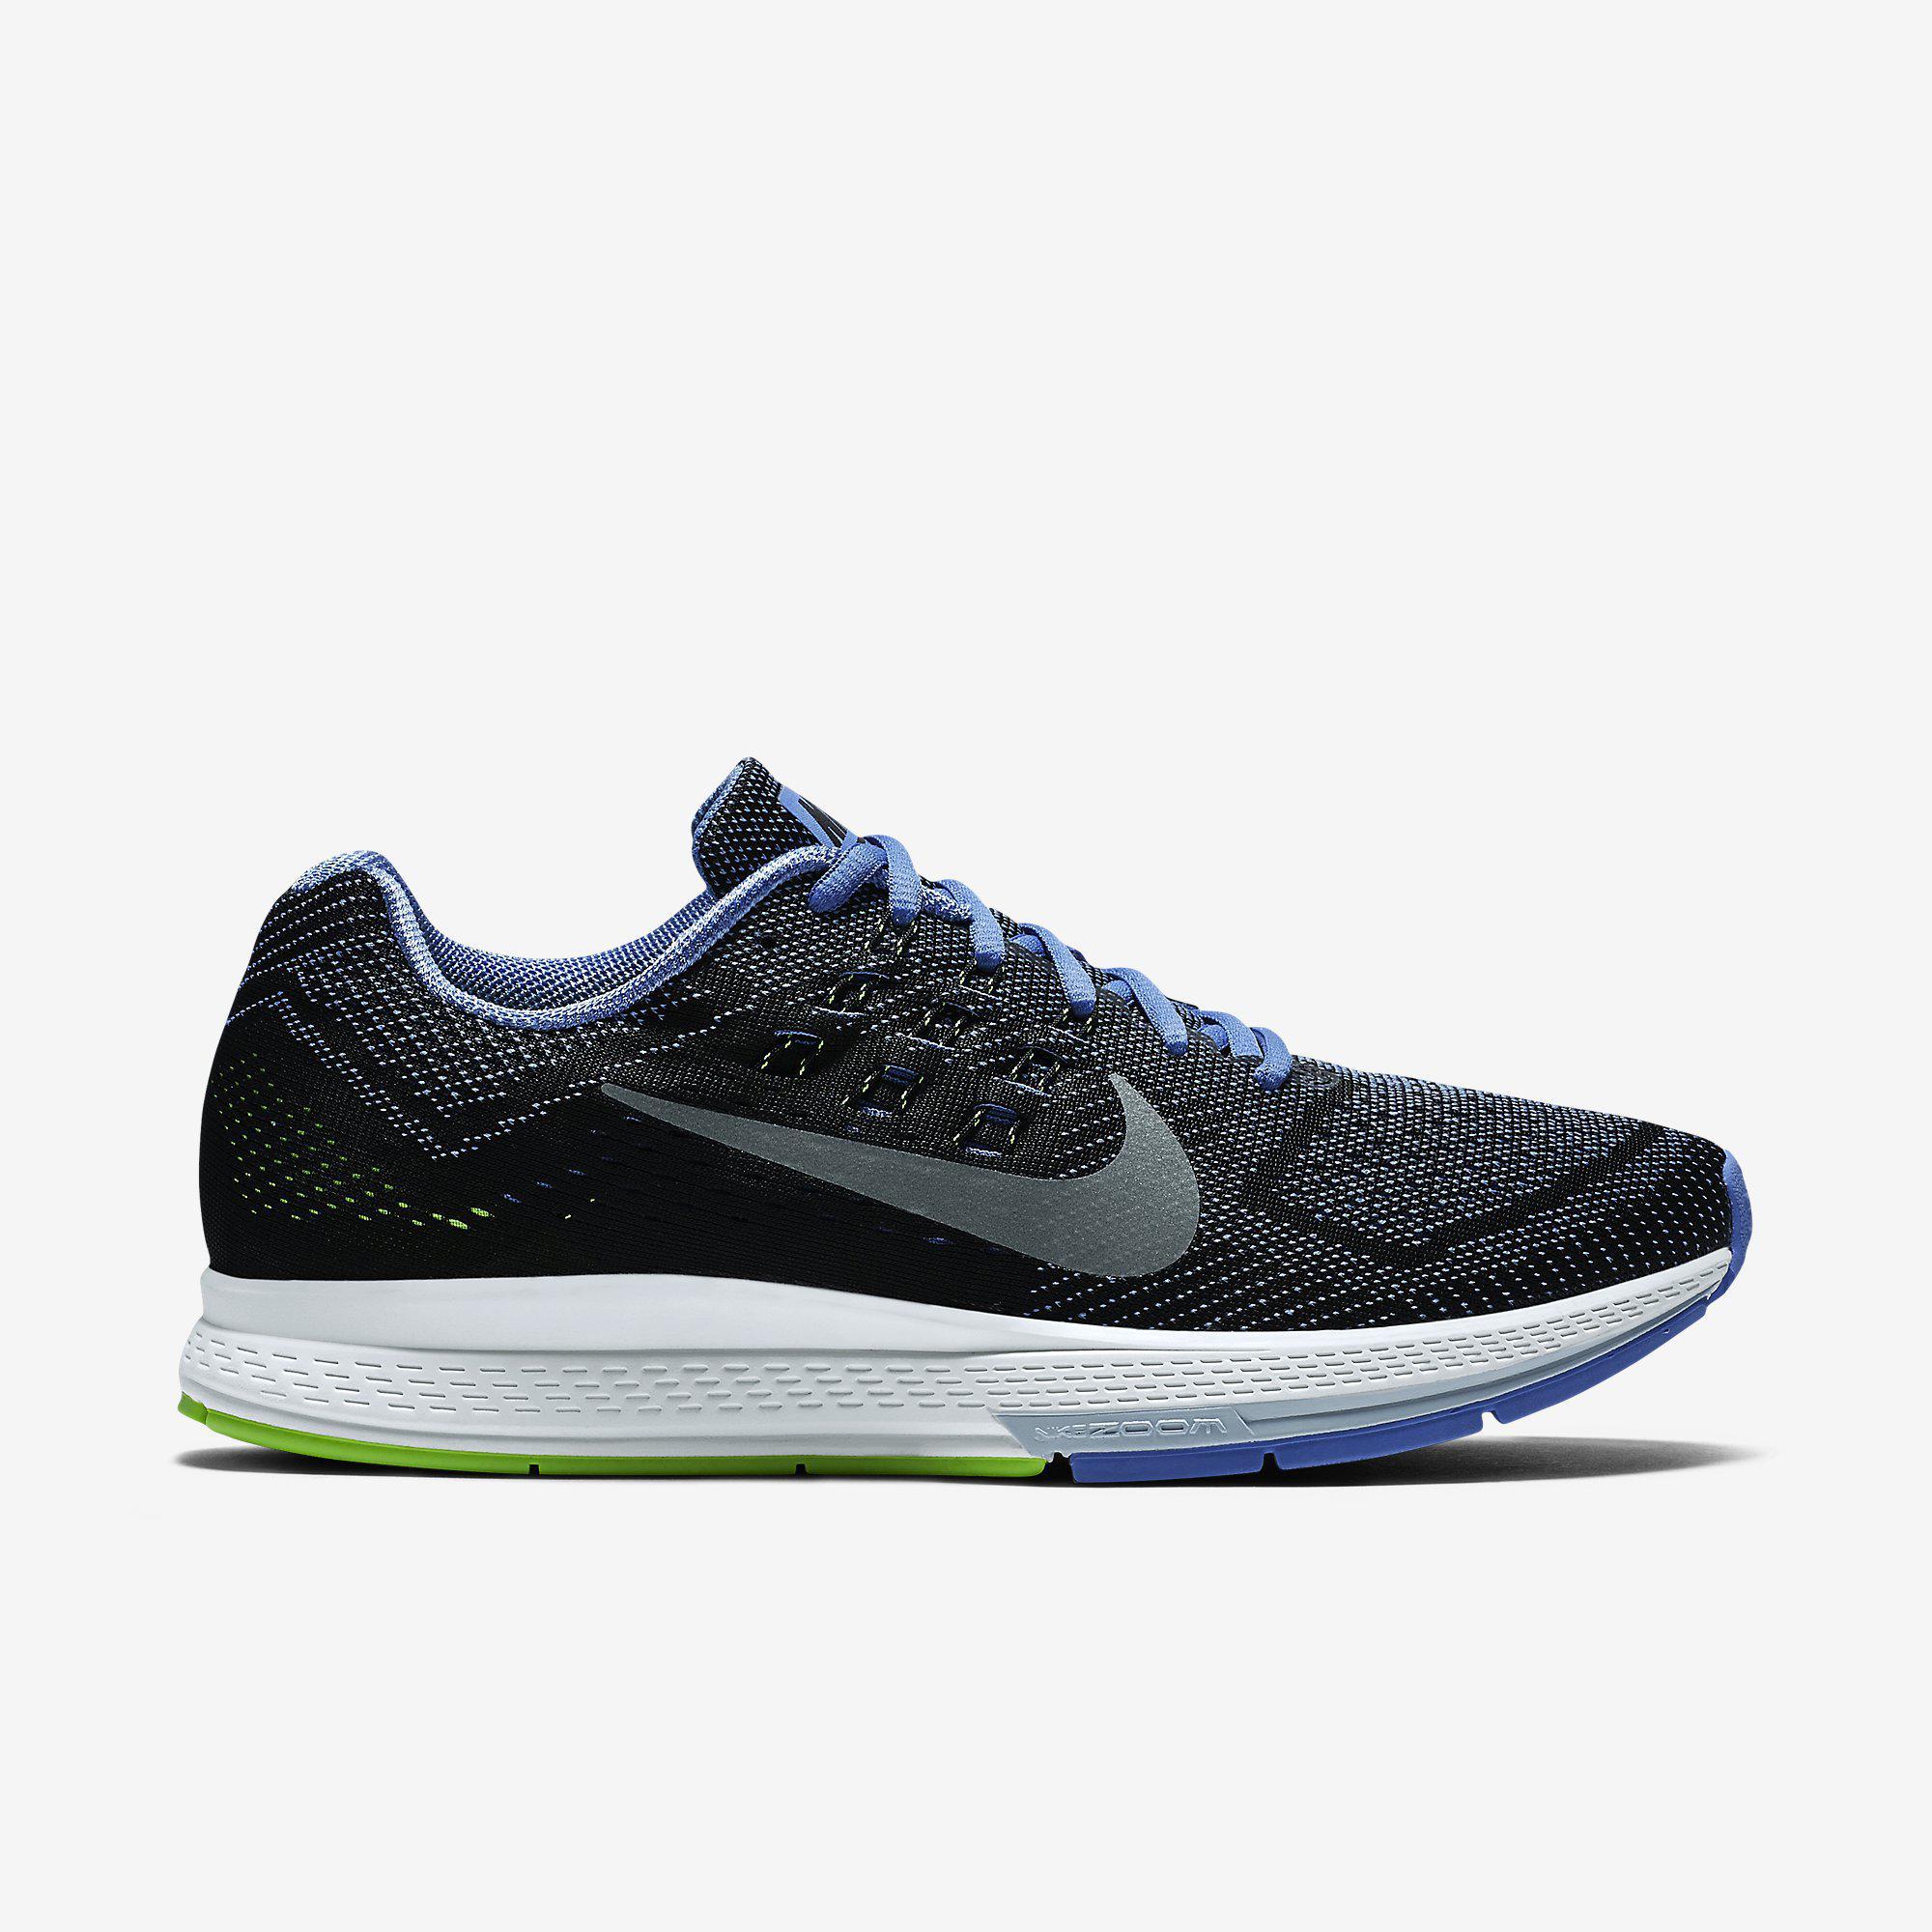 68417e8122c Nike Womens Air Zoom Structure 18 Running Shoes - Polar Black -  Tennisnuts.com